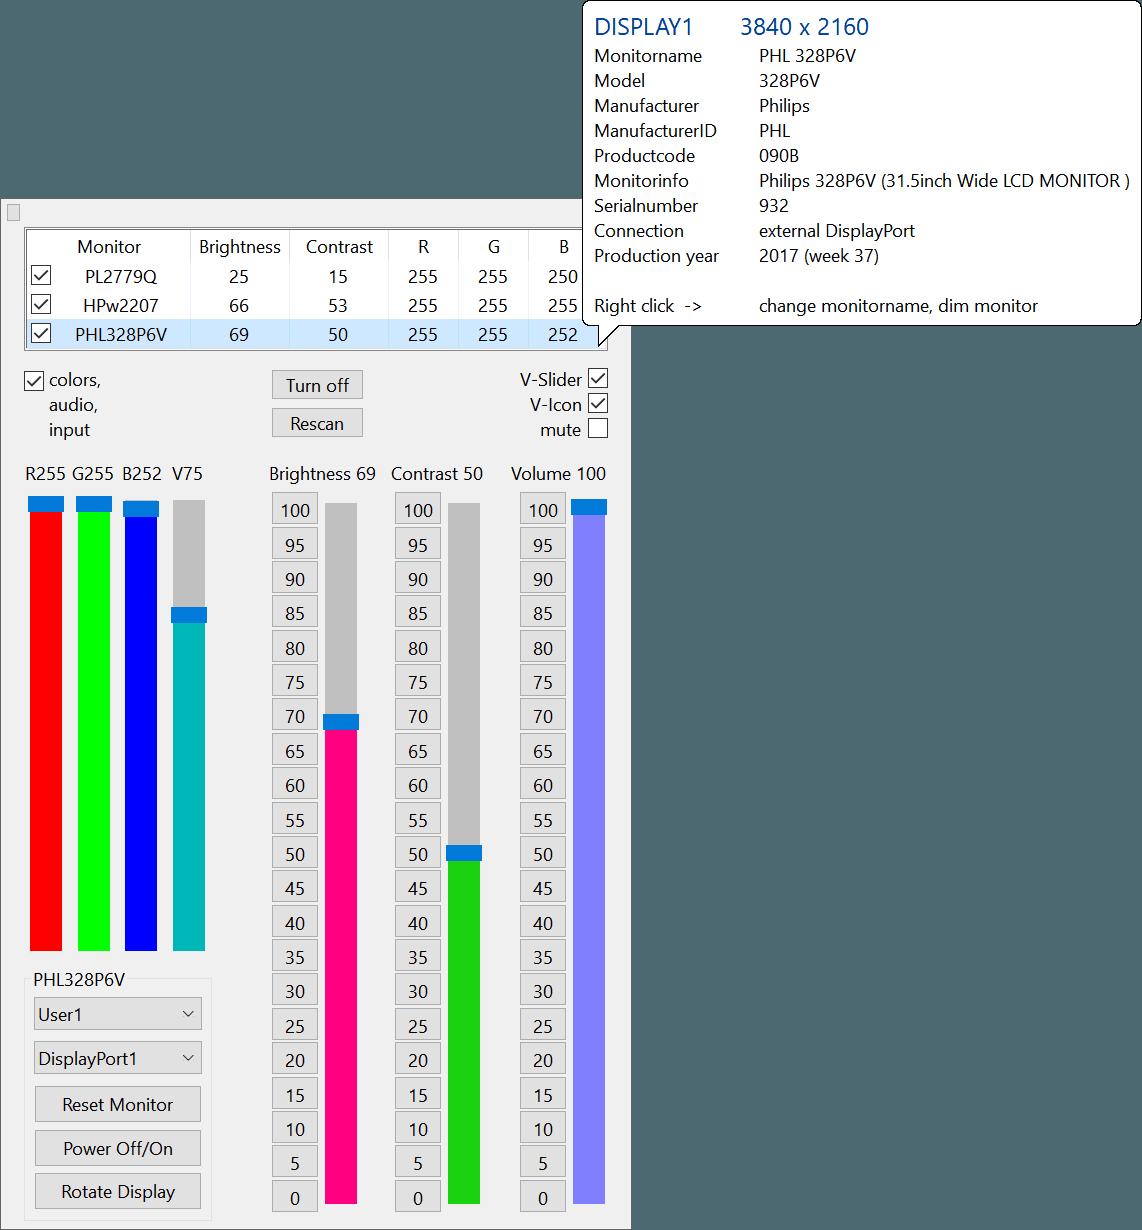 ClickMonitorDDC le permite ajustar fácilmente el brillo y el contraste del monitor 1